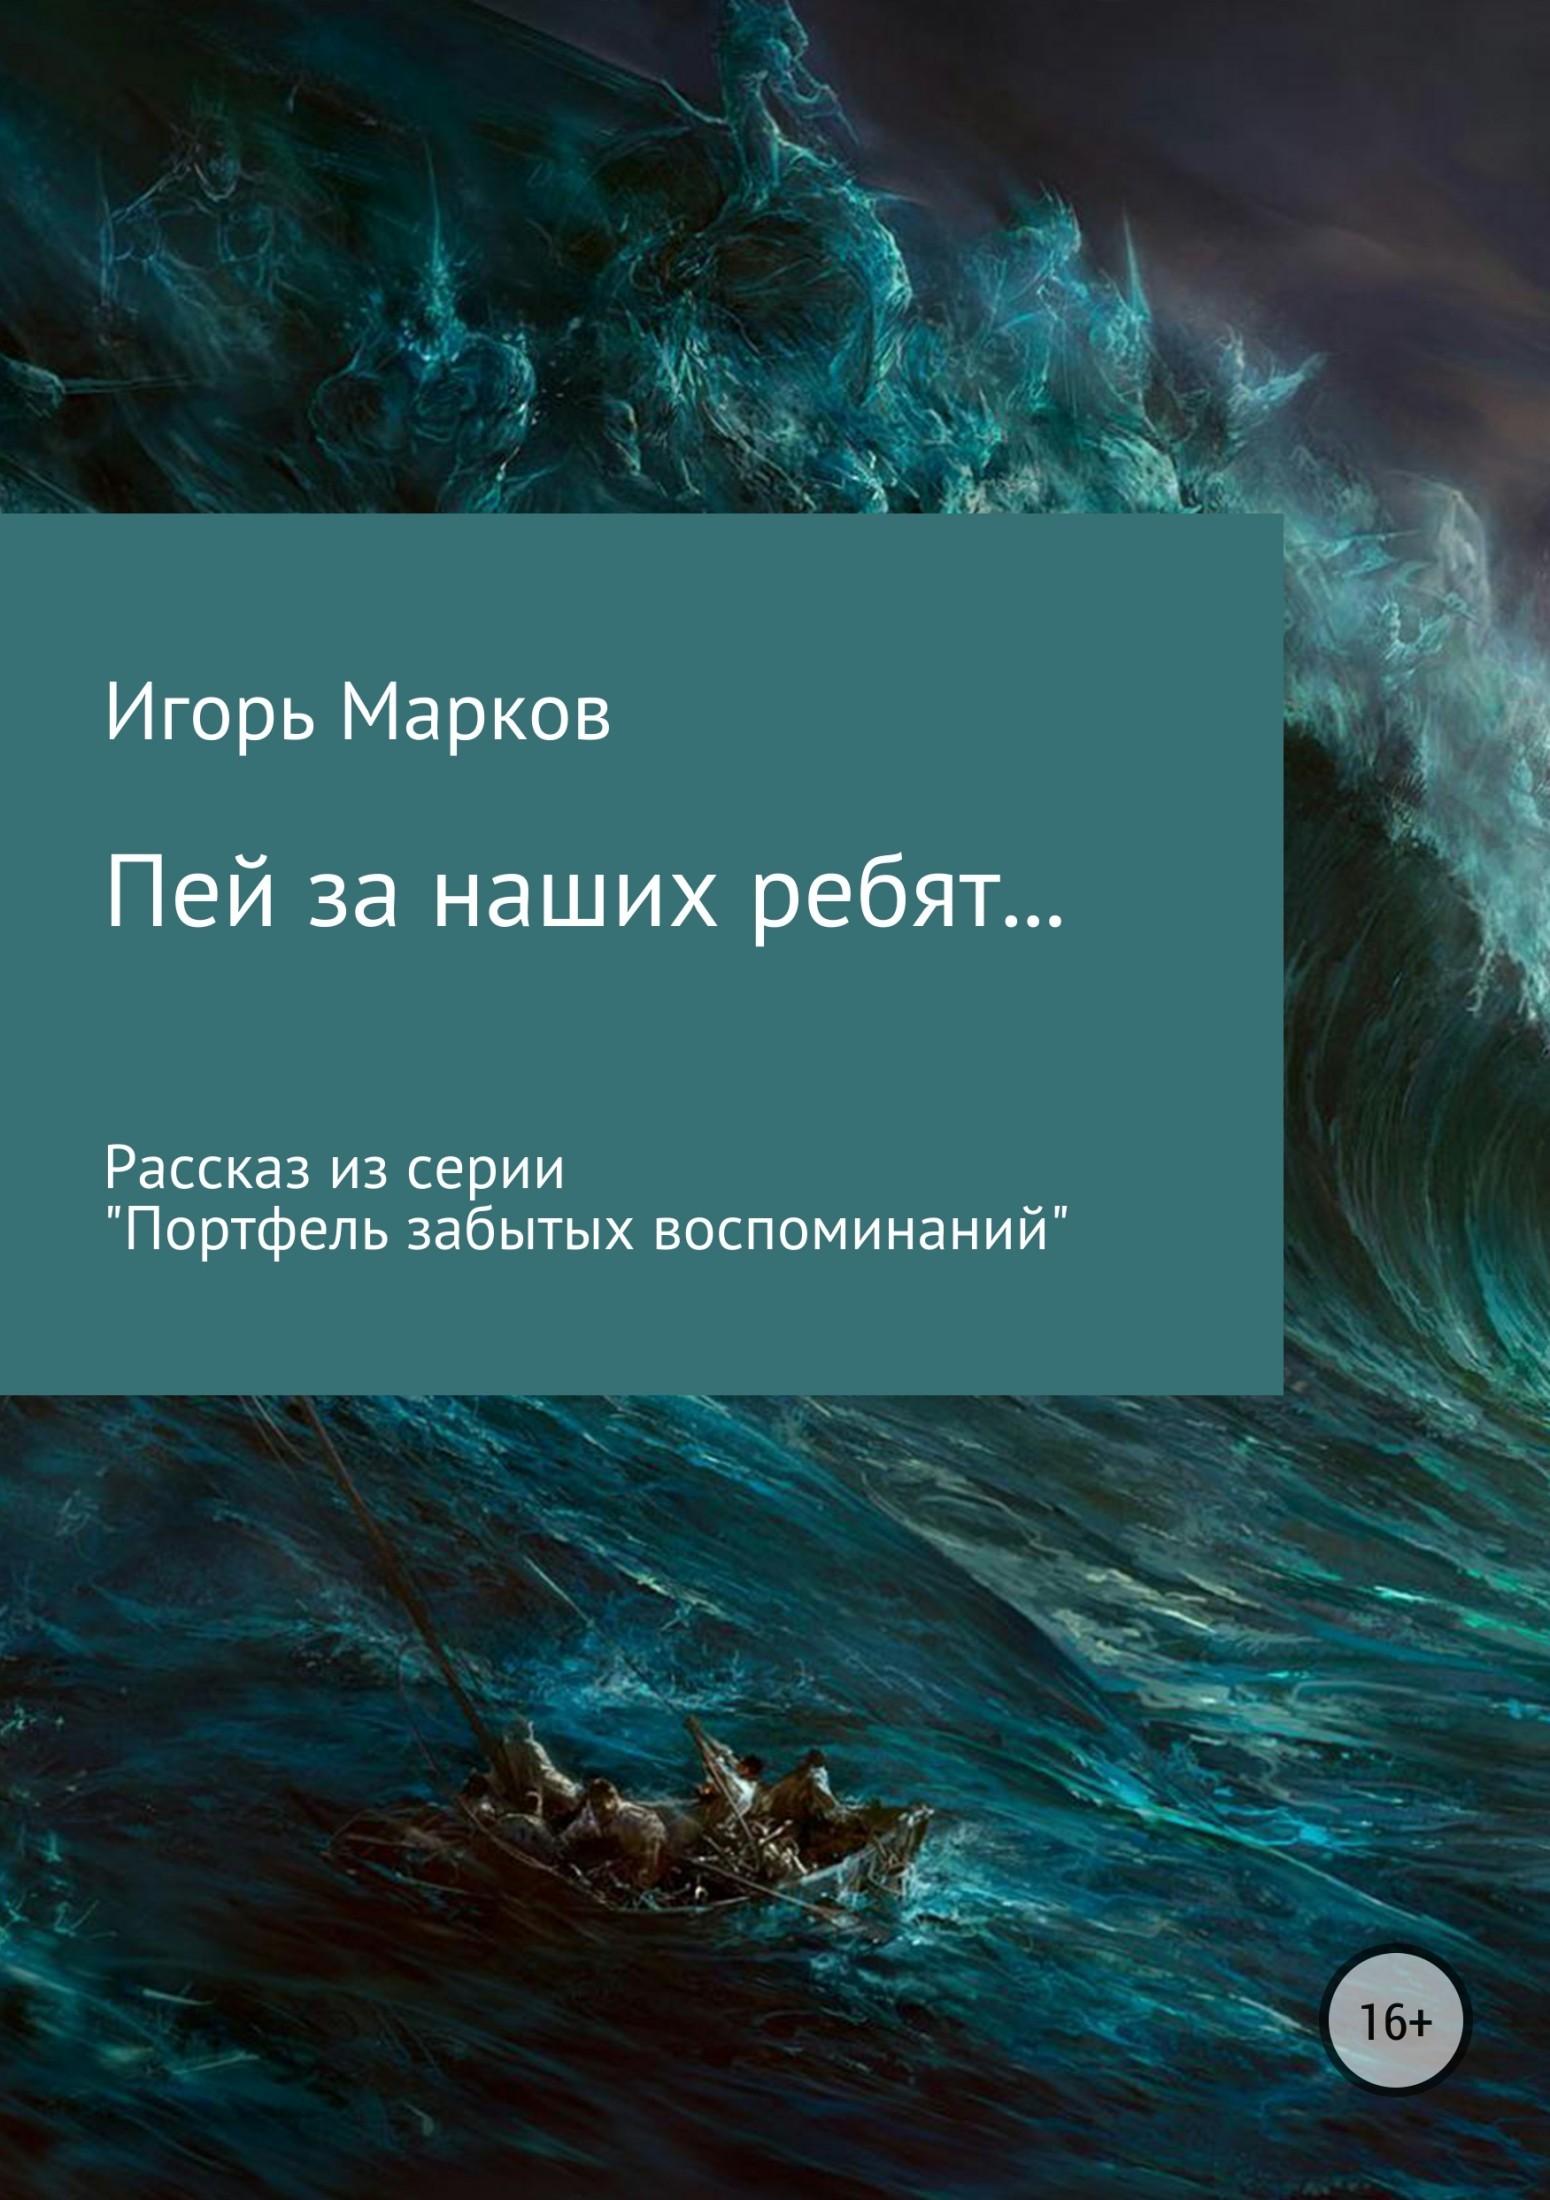 Игорь Владимирович Марков Пей за наших ребят… игорь владимирович марков дурья башка